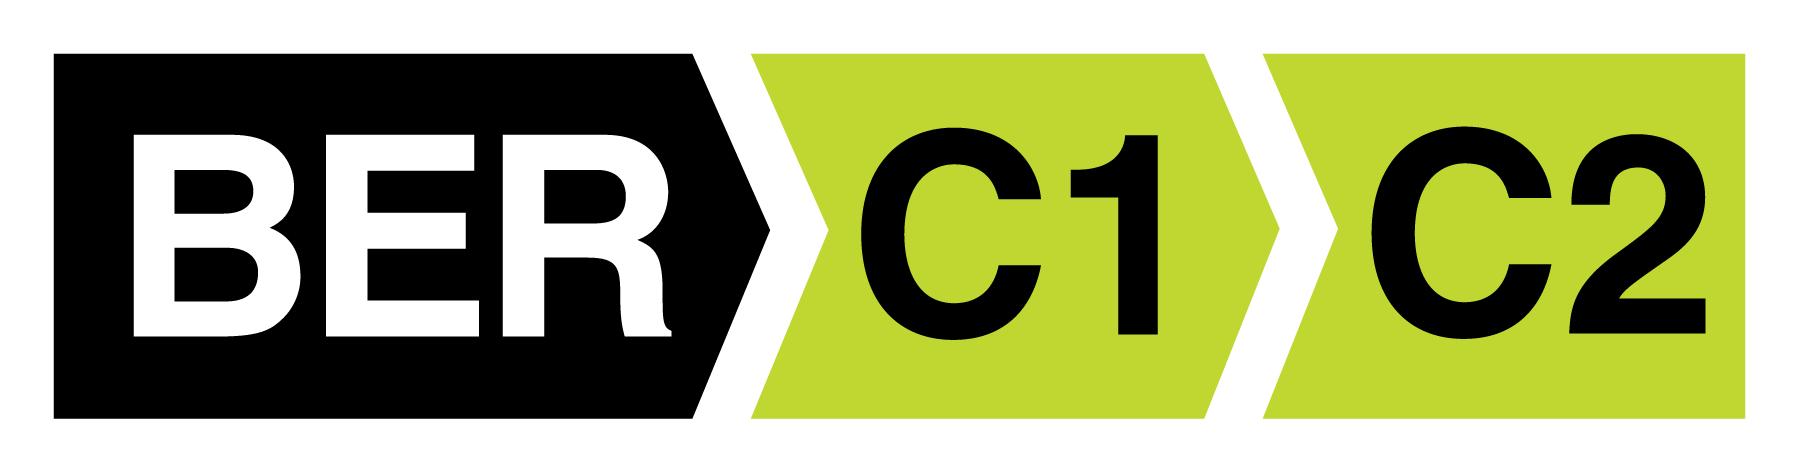 C1 > C2